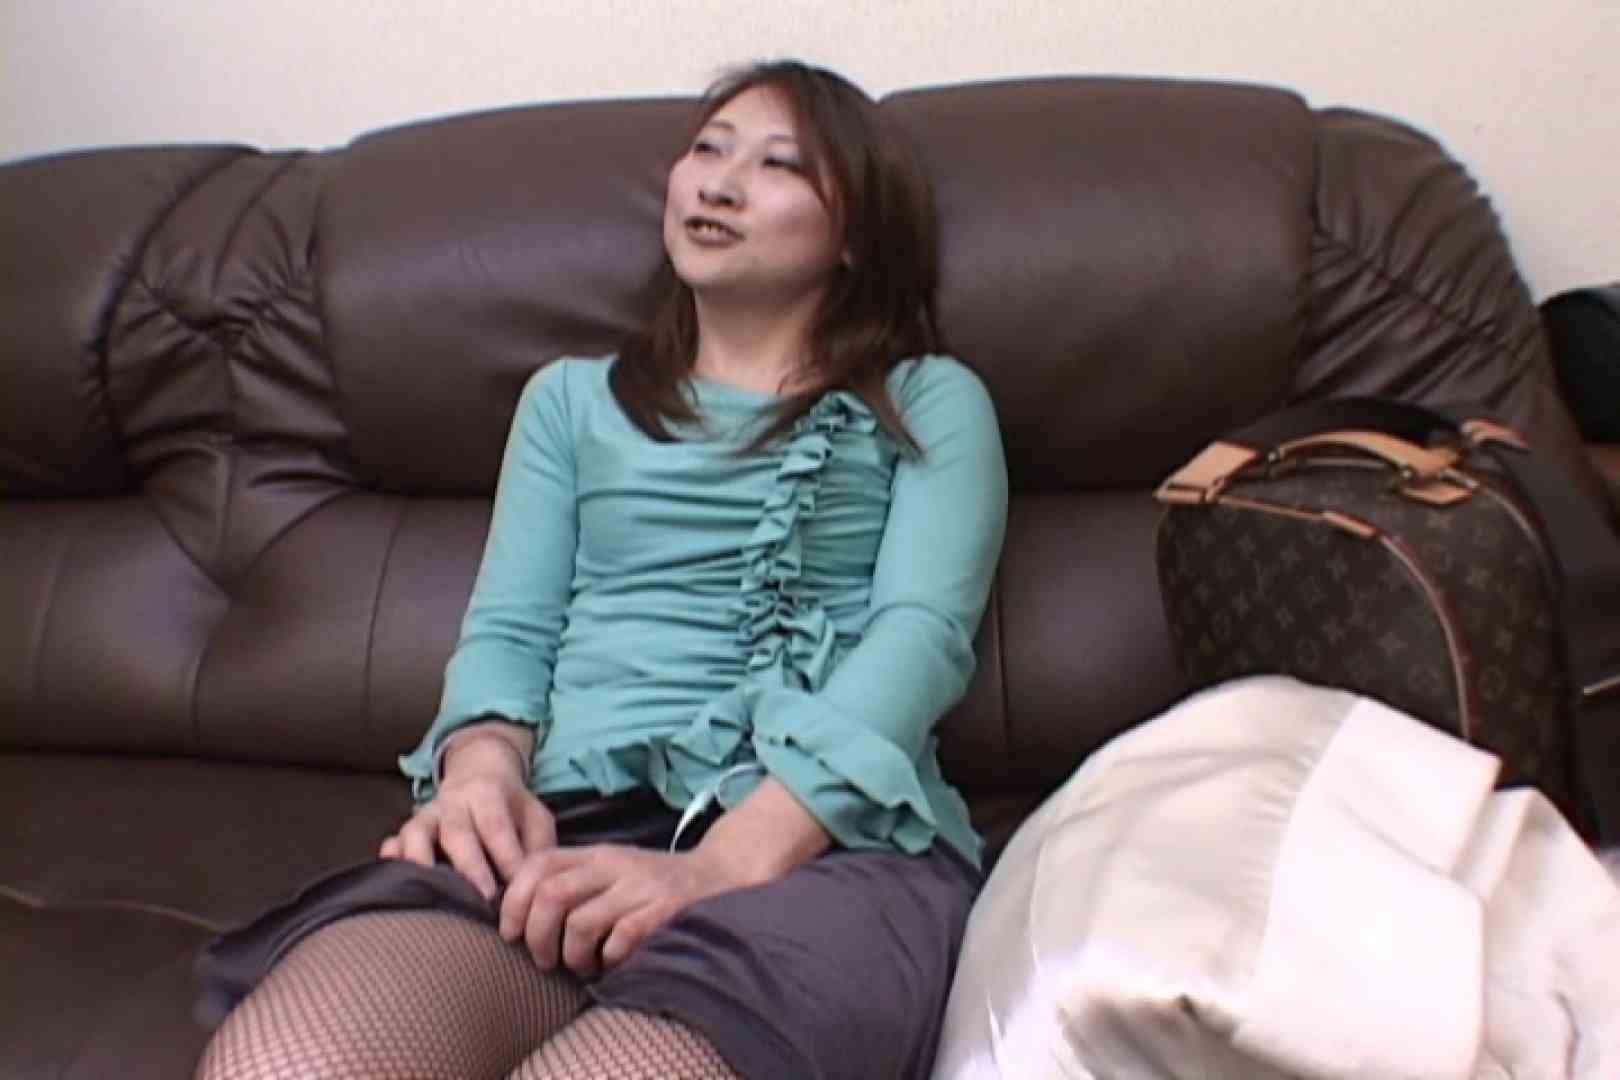 オナニー好きの綺麗なお姉さんと楽しくSEX~姫野あかね~ フェラ | 企画  30連発 21